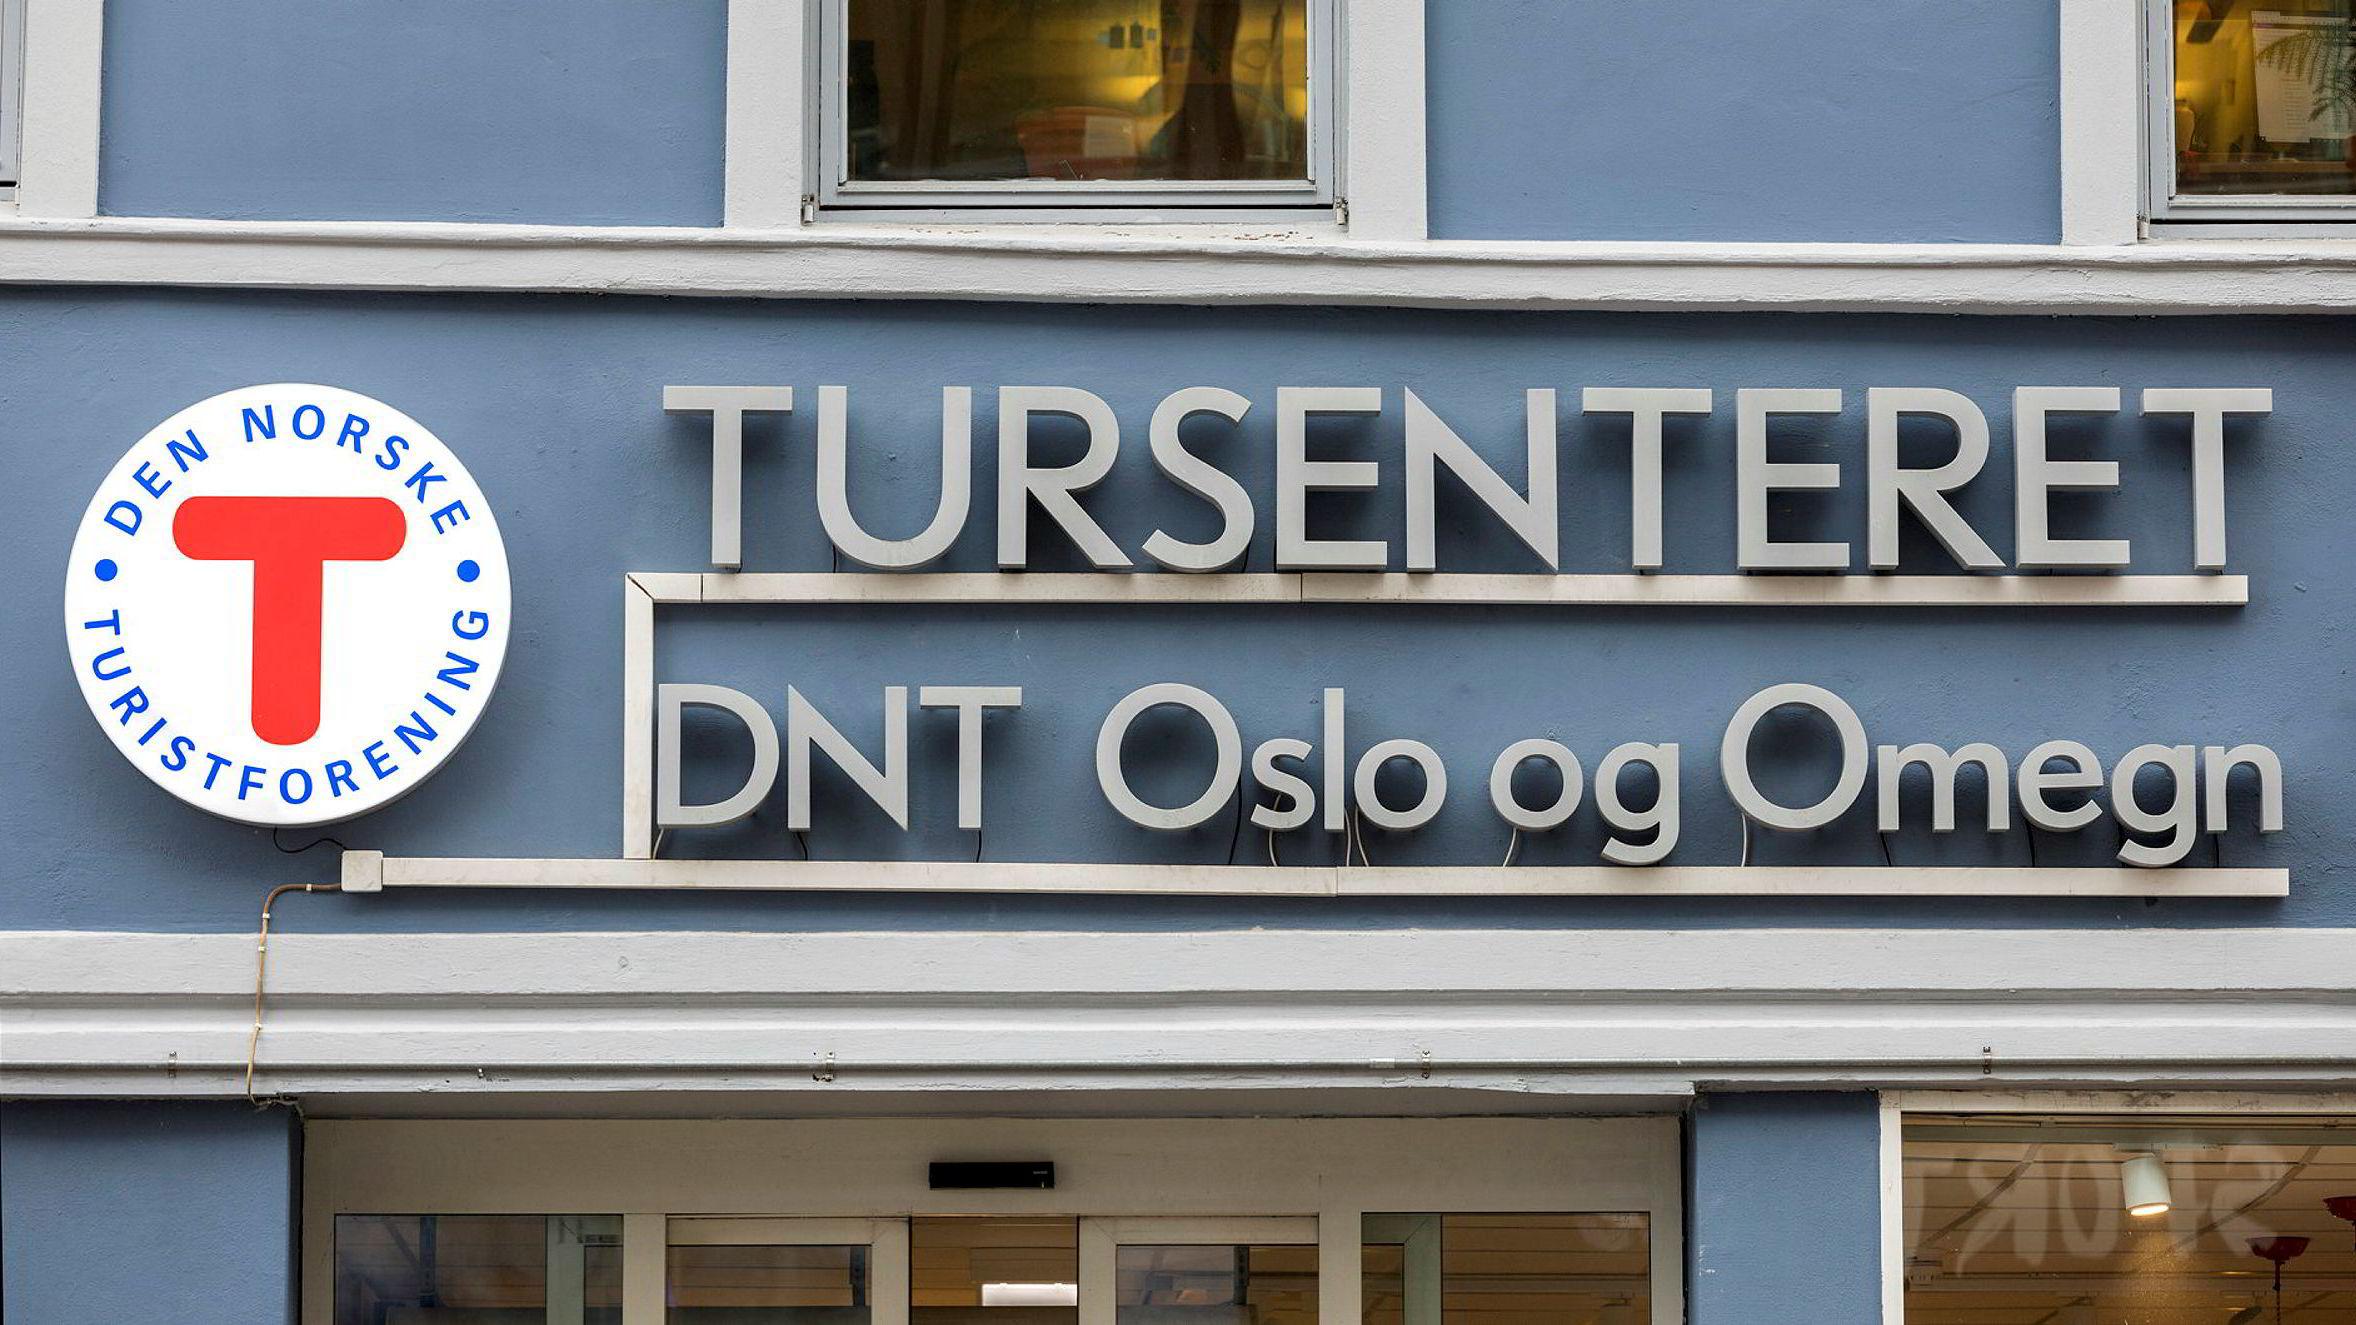 Den norske turistforening frykter at de kan gå konkurs som følge av koronaviruset.